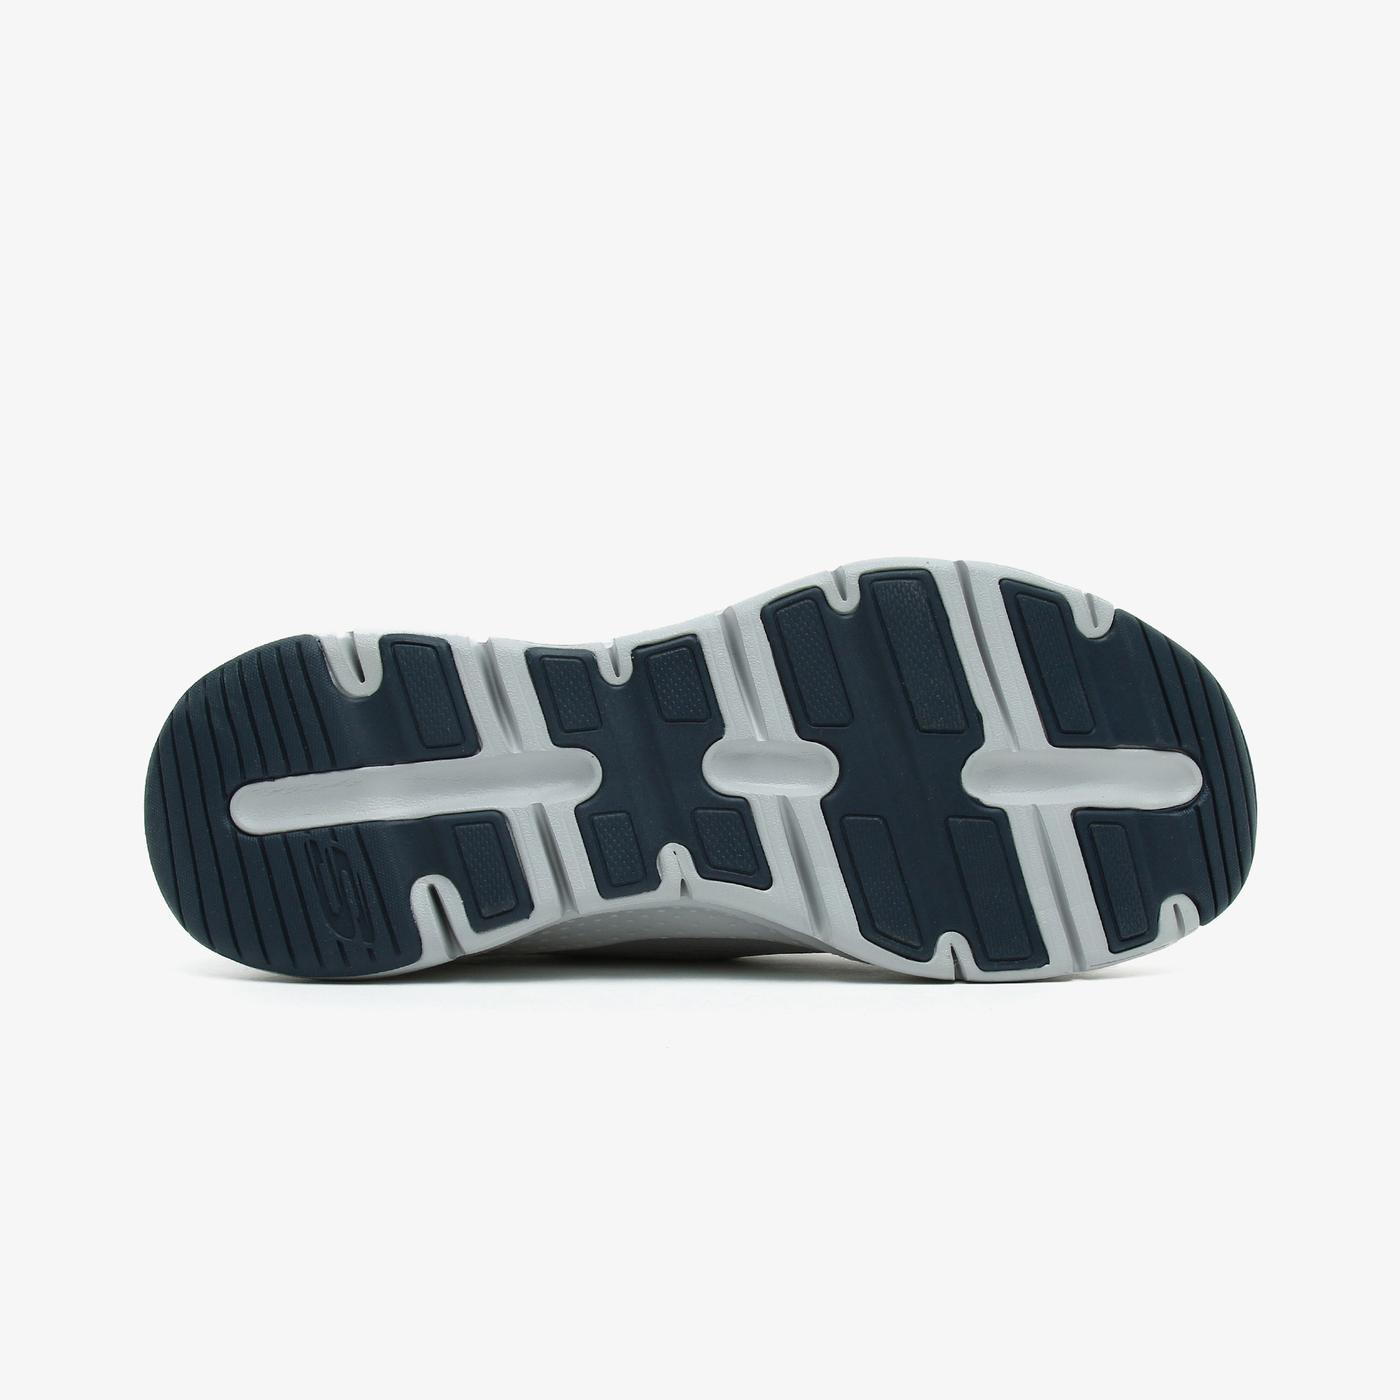 Skechers Arch Fit Erkek Gri Spor Ayakkabı